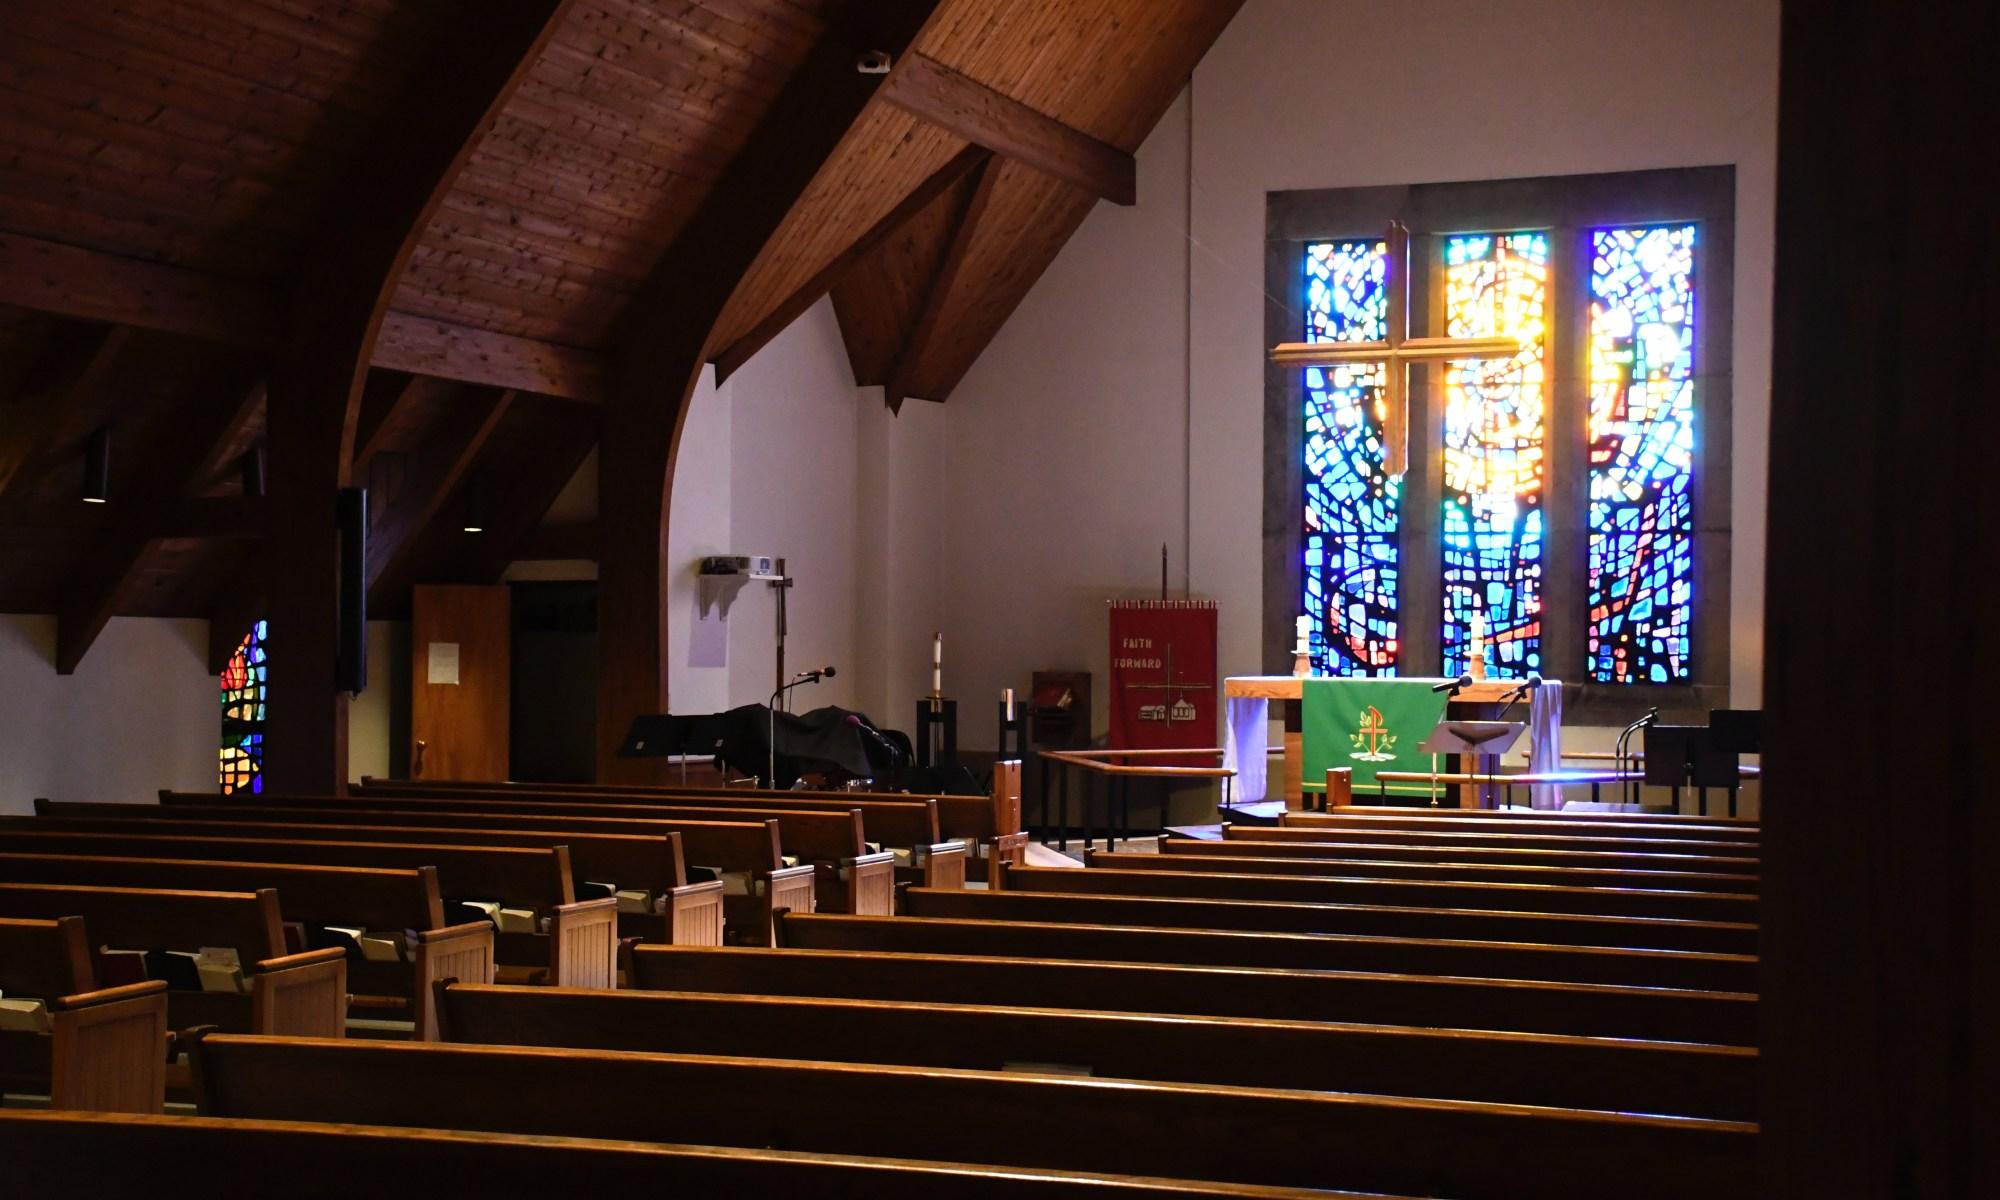 St. Mark's sanctuary